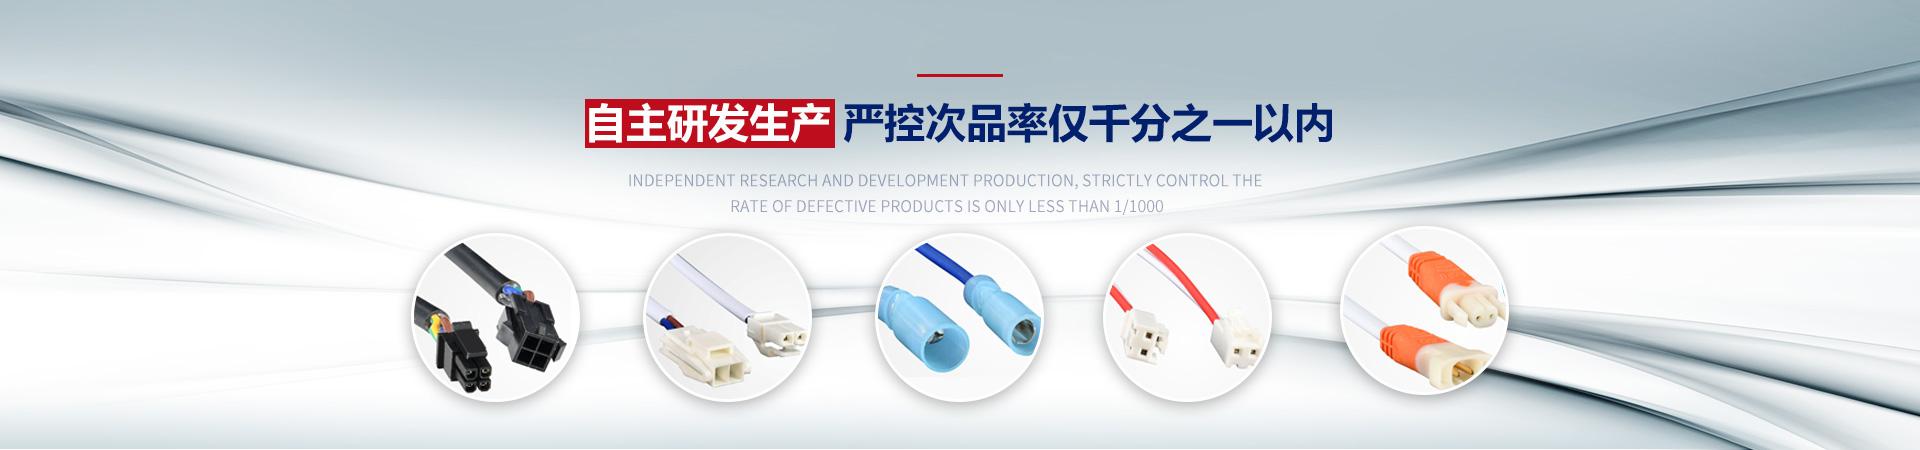 安富自主研发生产,严控产品品质